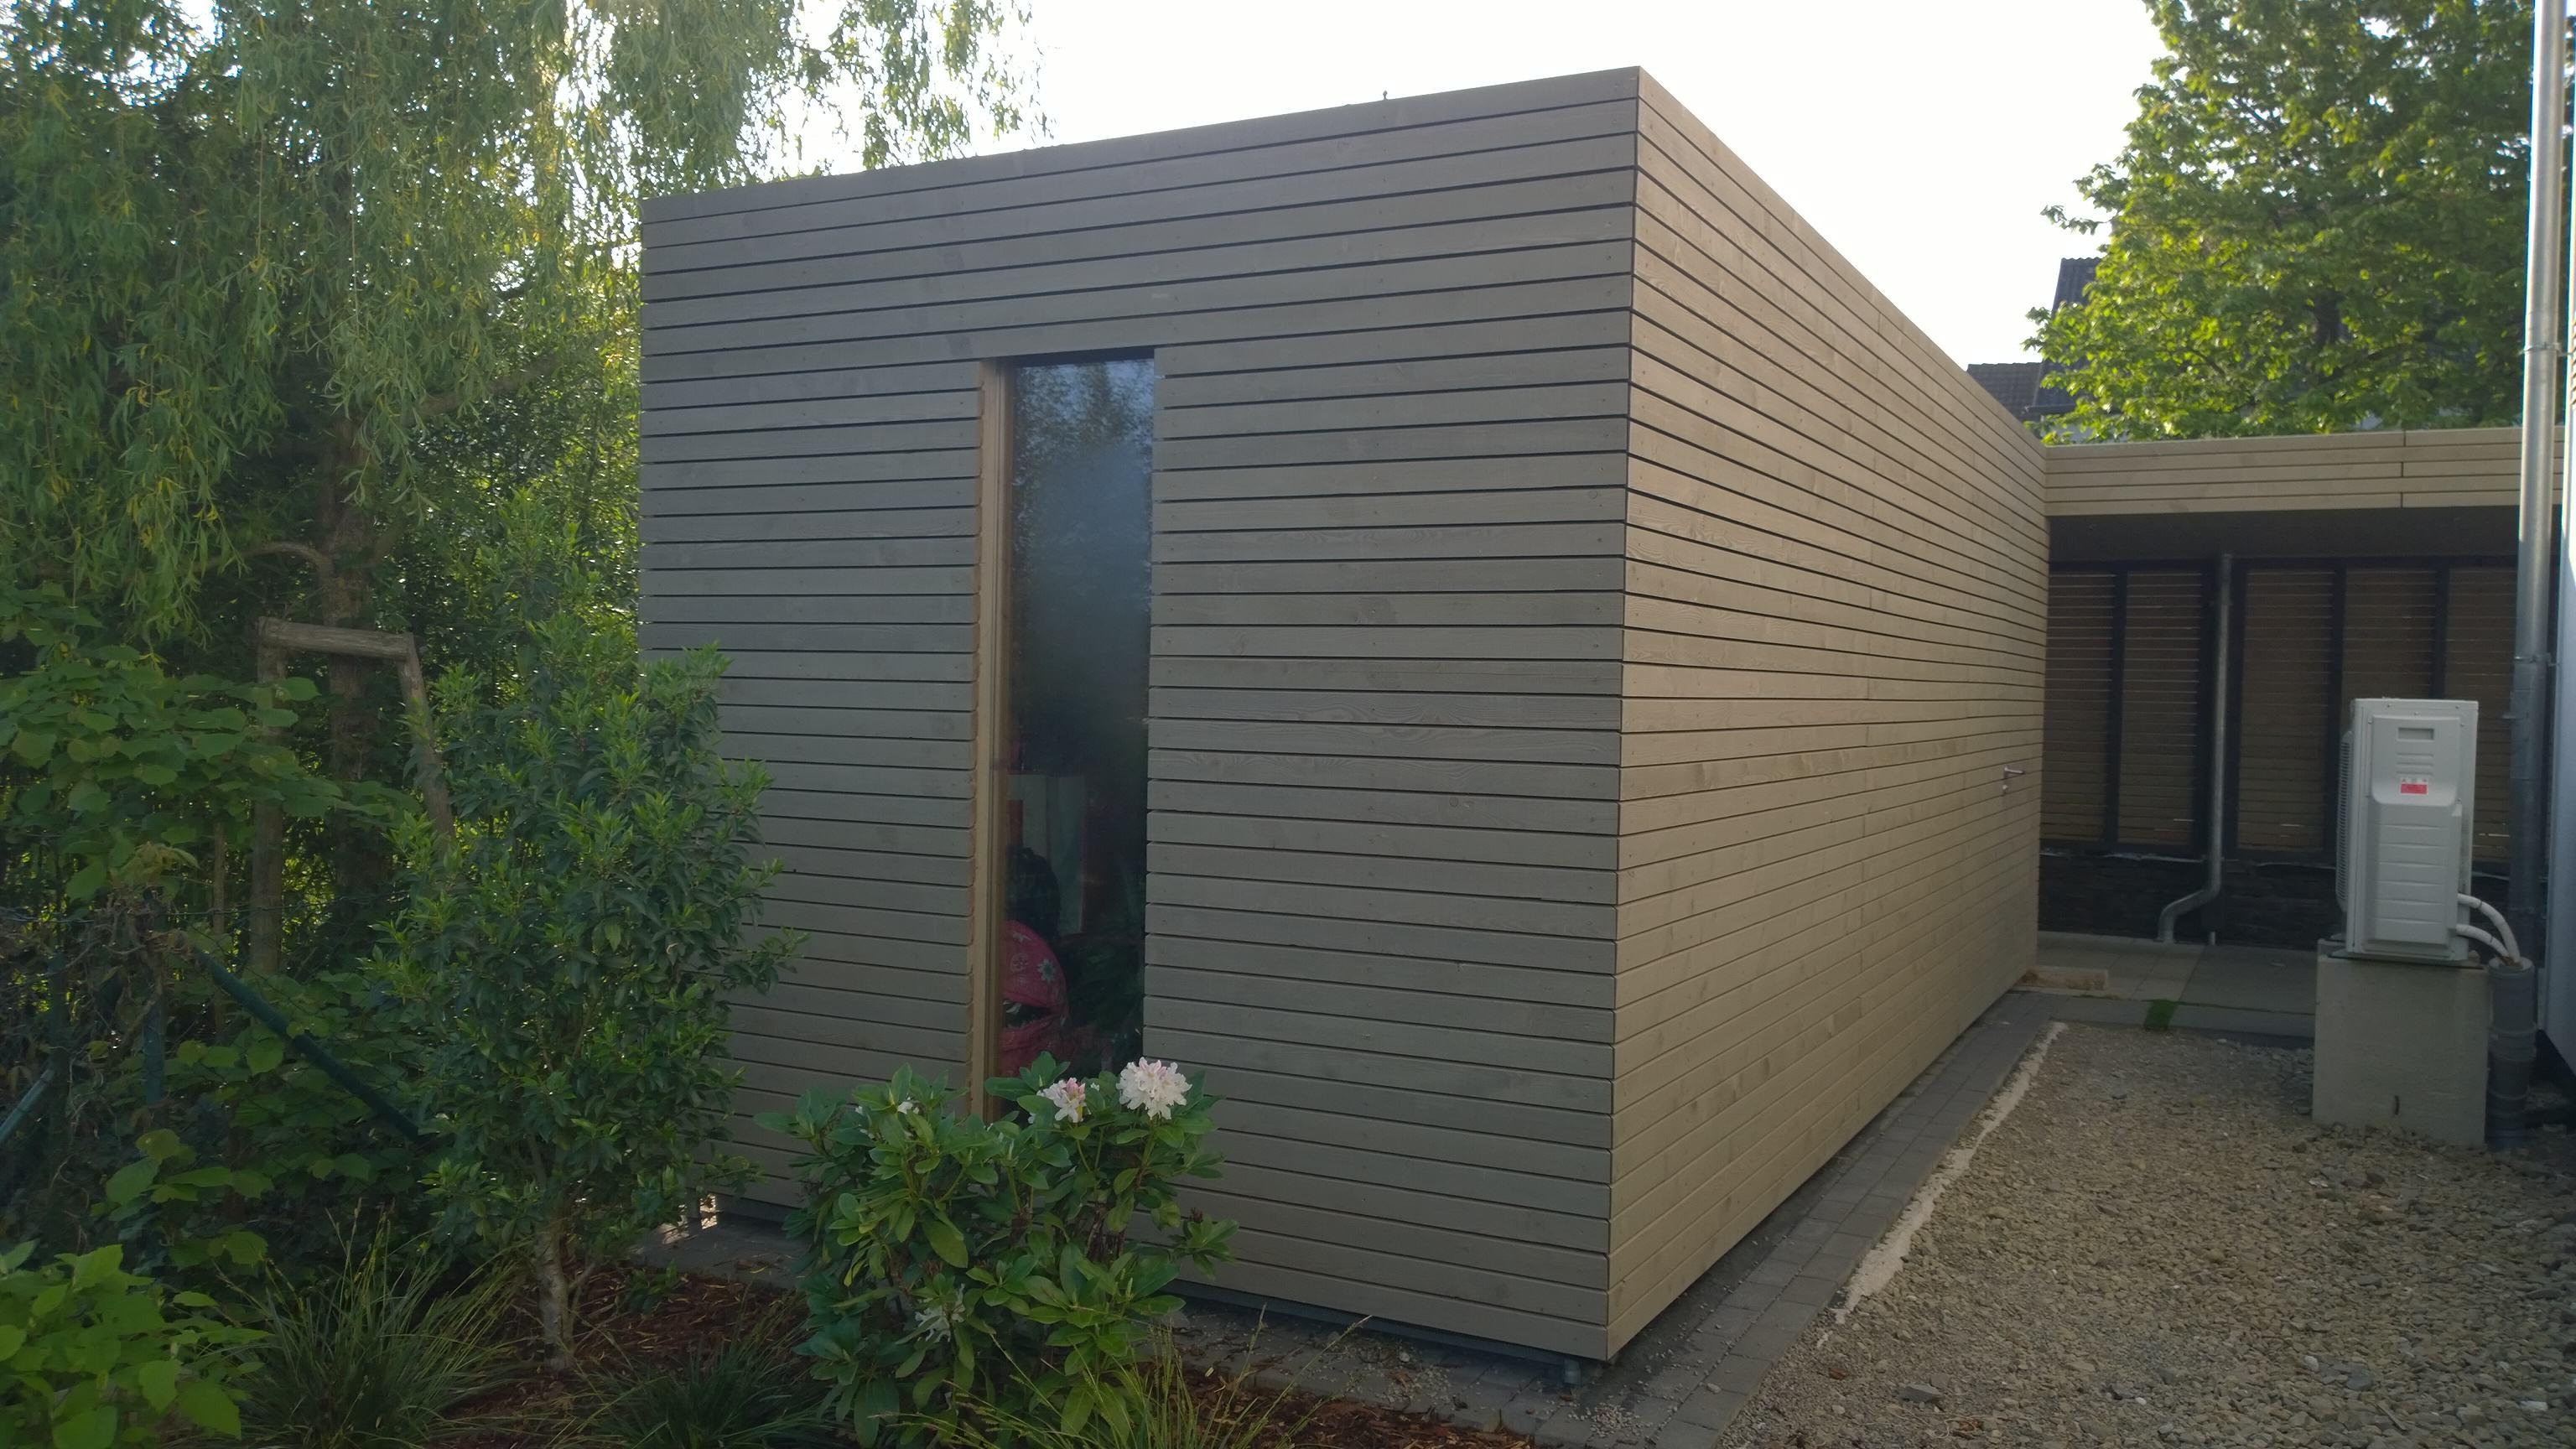 terrasse mit sichtschutz - teil 1 - moderner sichtschutz im garten, Gartenarbeit ideen